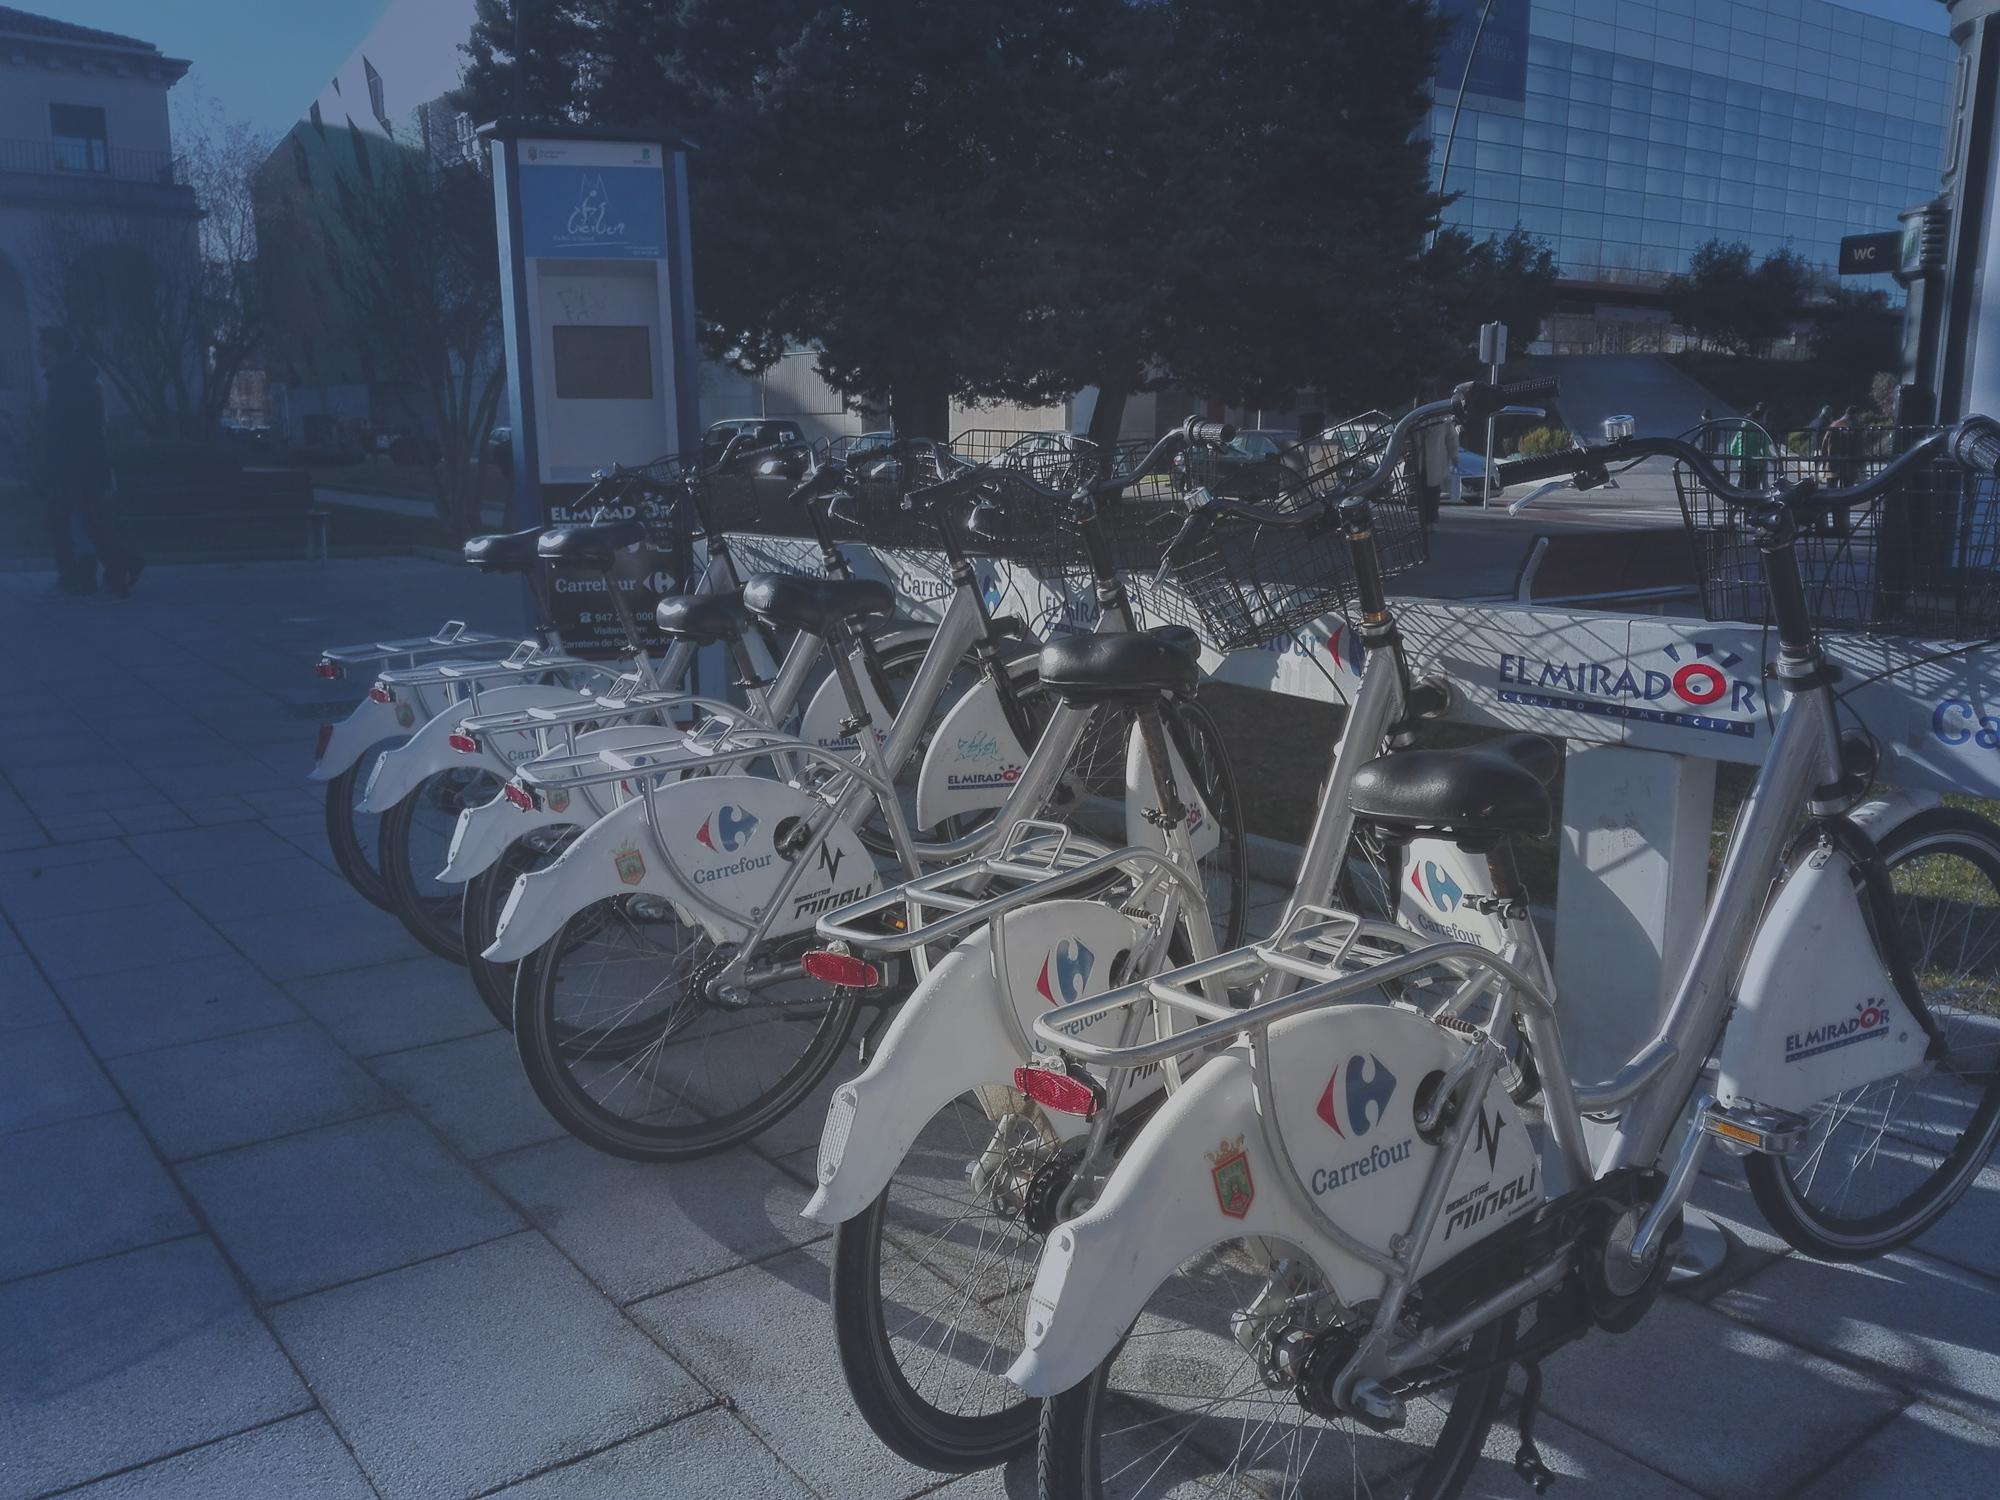 estación de bicicletas junto al meh